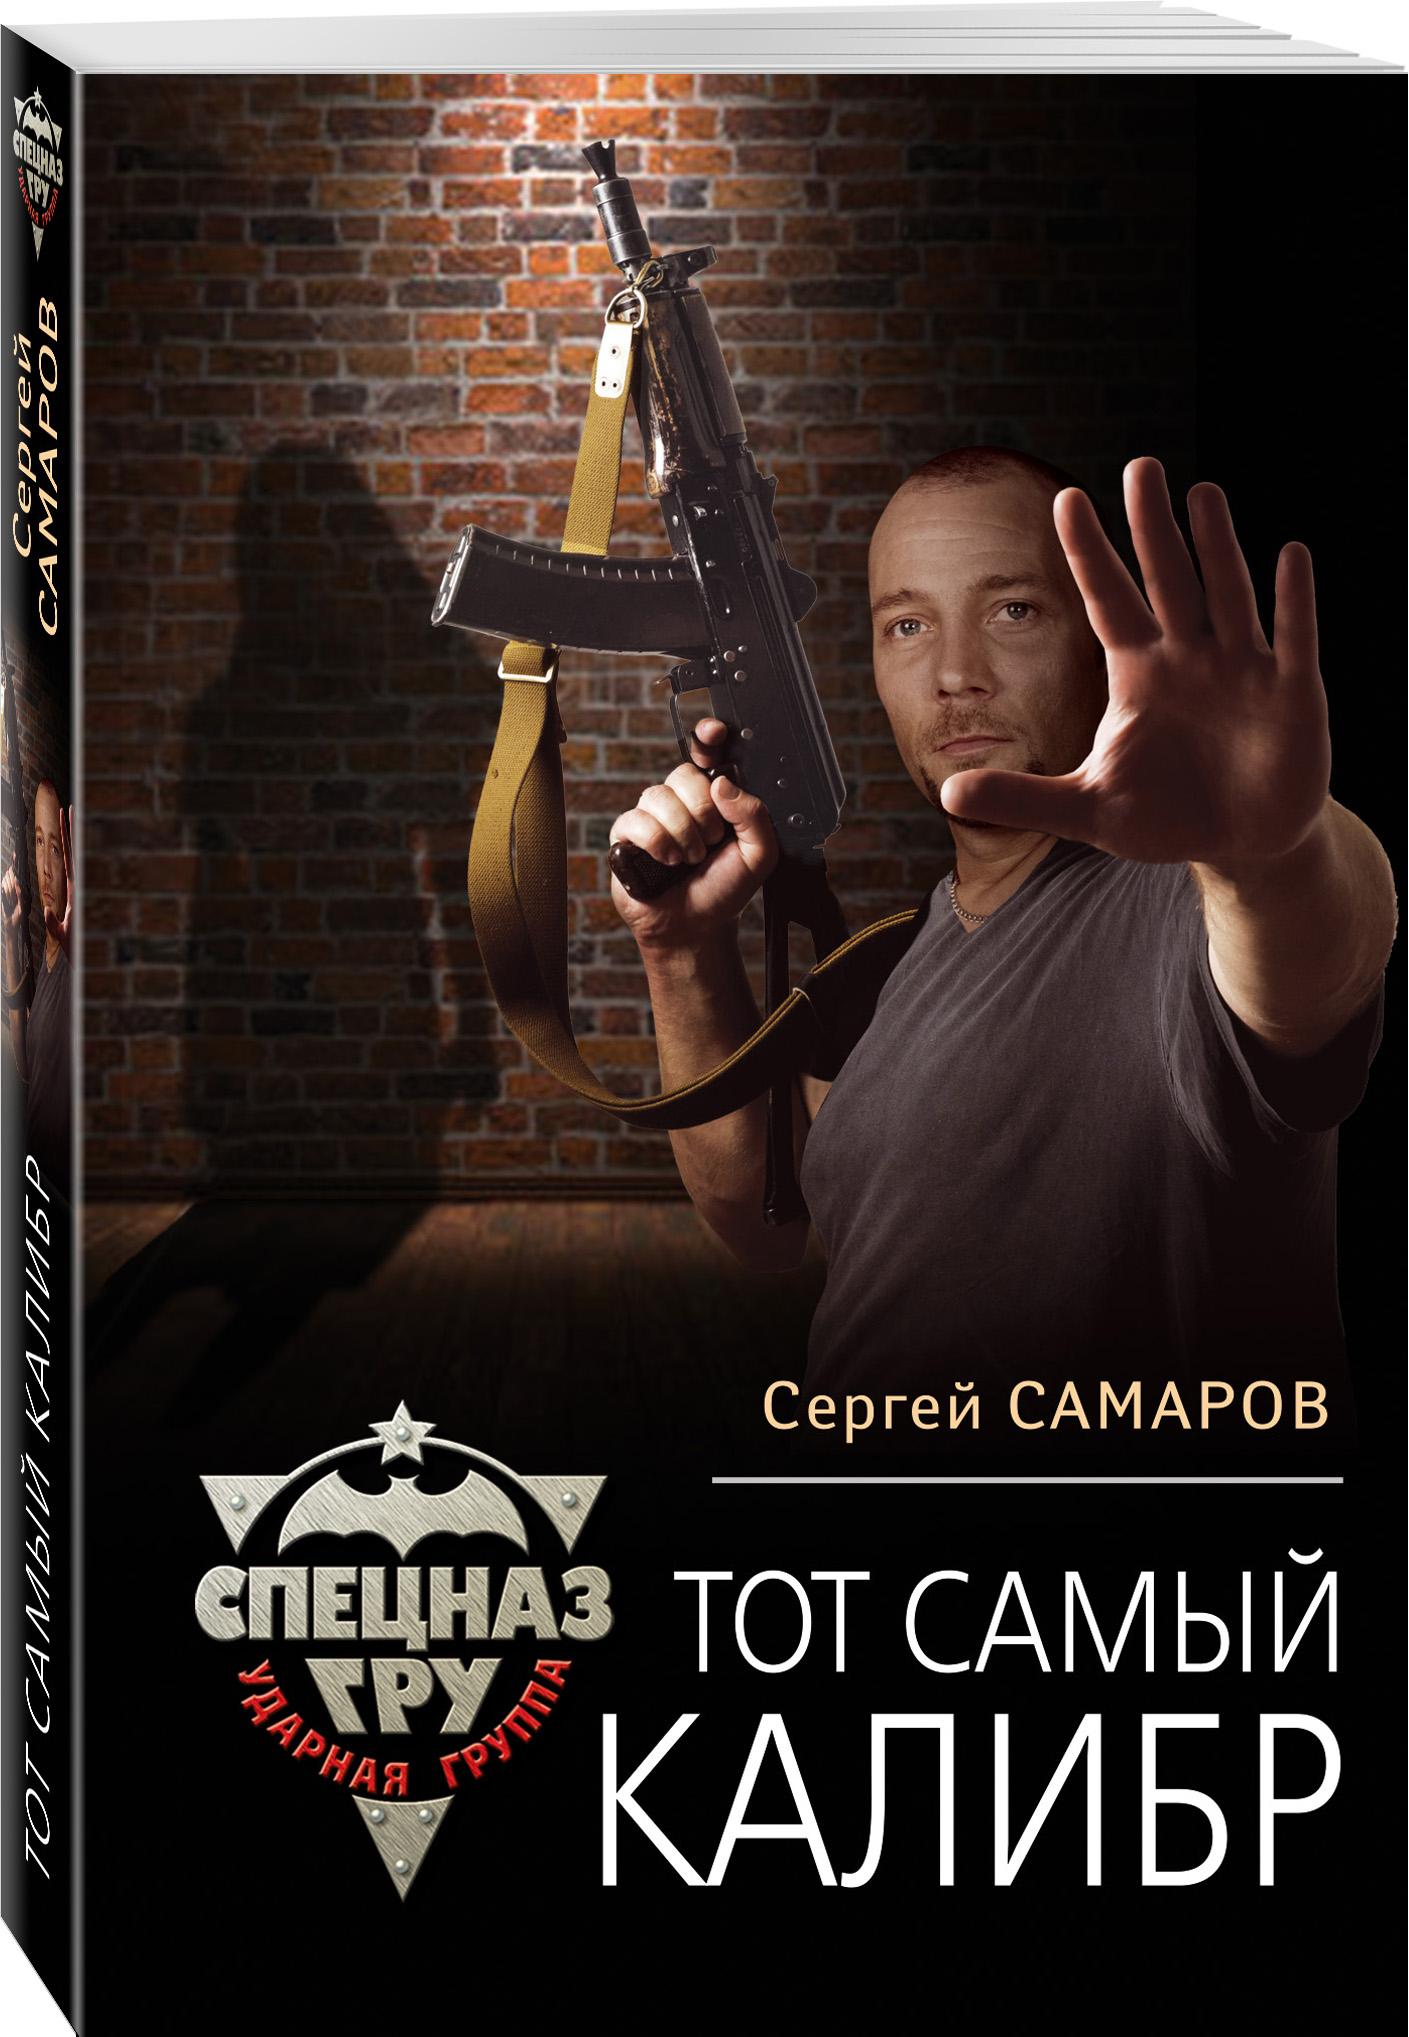 Сергей Самаров Тот самый калибр сергей самаров тот самый калибр